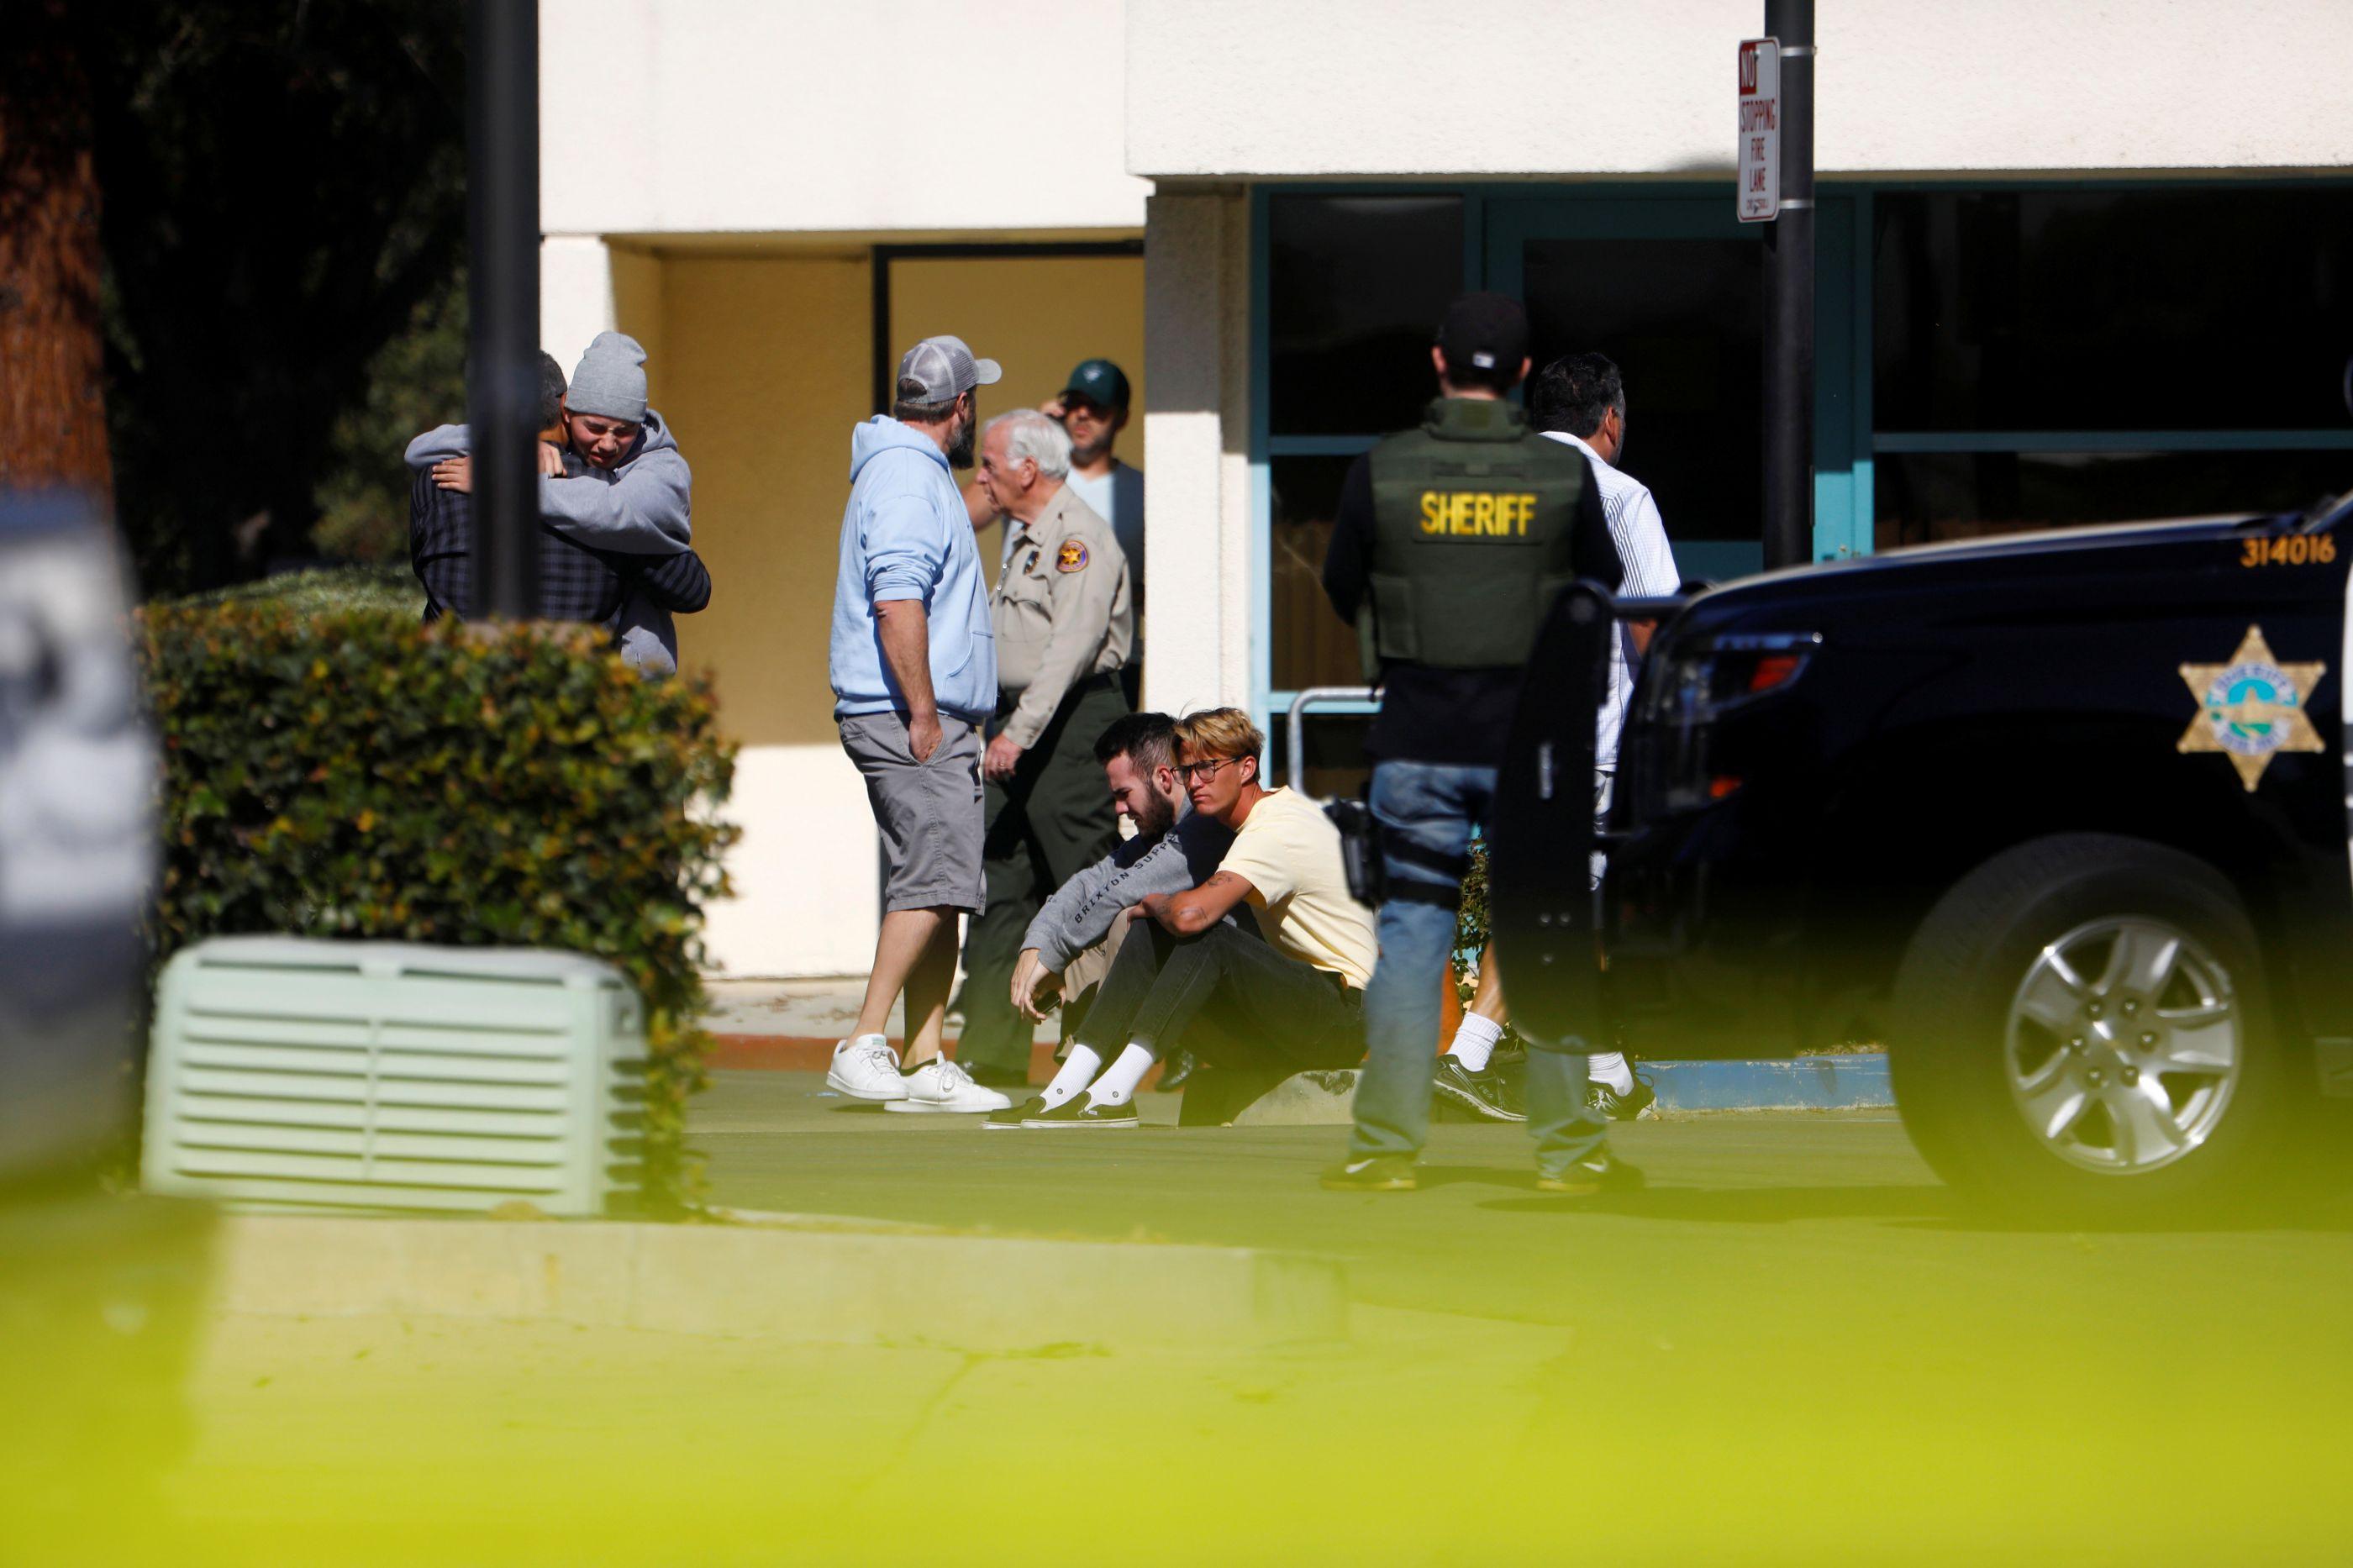 Revelada identidade de algumas vítimas do tiroteio em bar da Califórnia